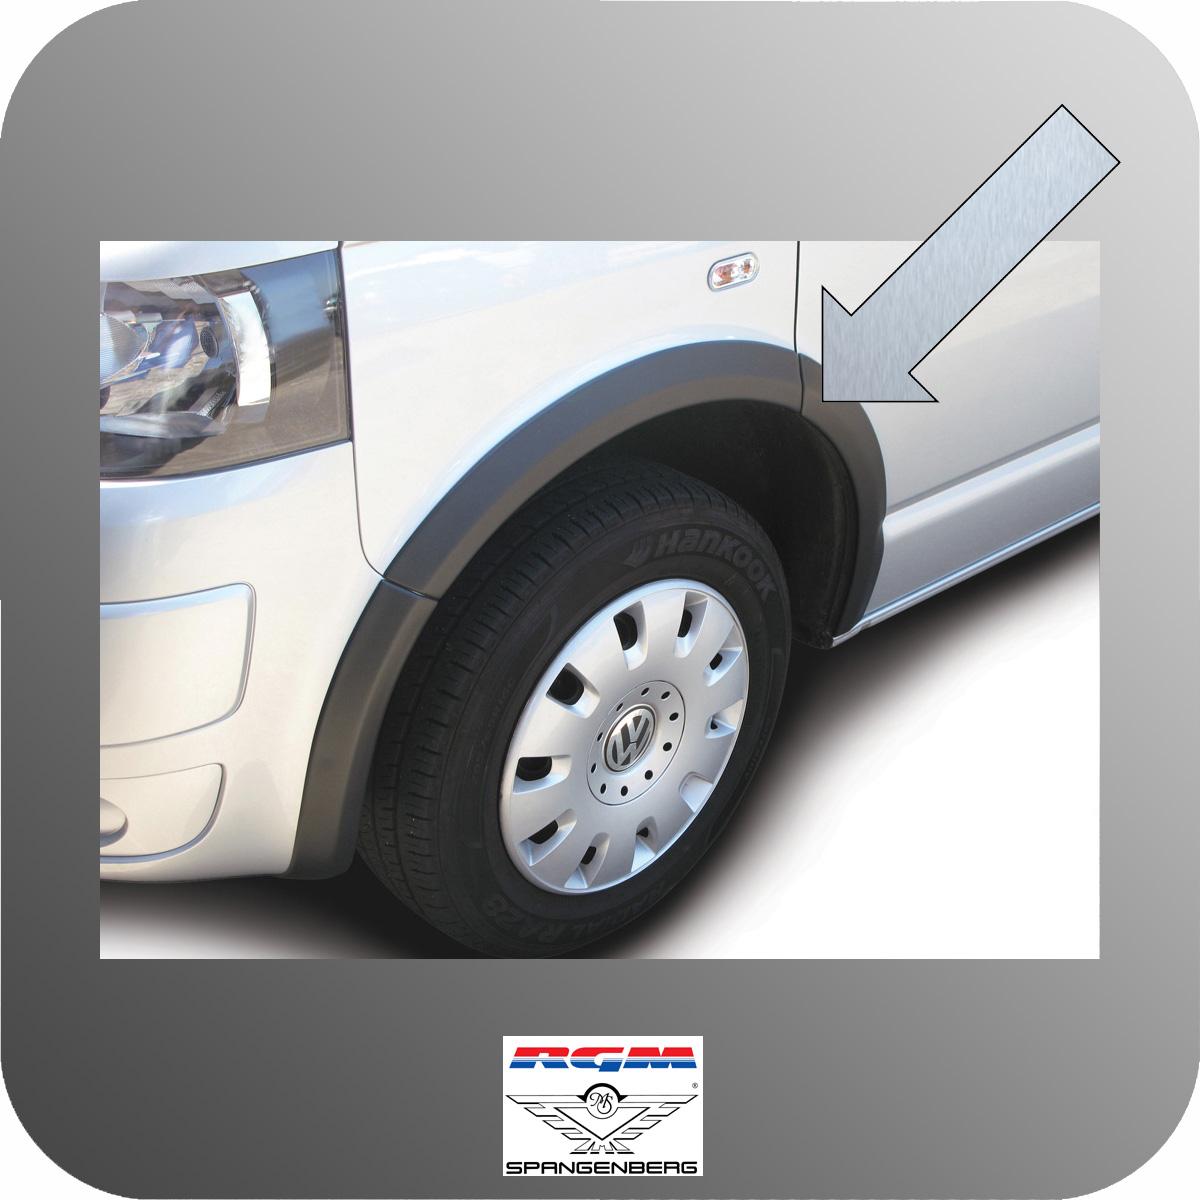 Radlaufabdeckung für VW T6 Radstand lang Schiebetür(-en) 02.2015-11.2019 7420360